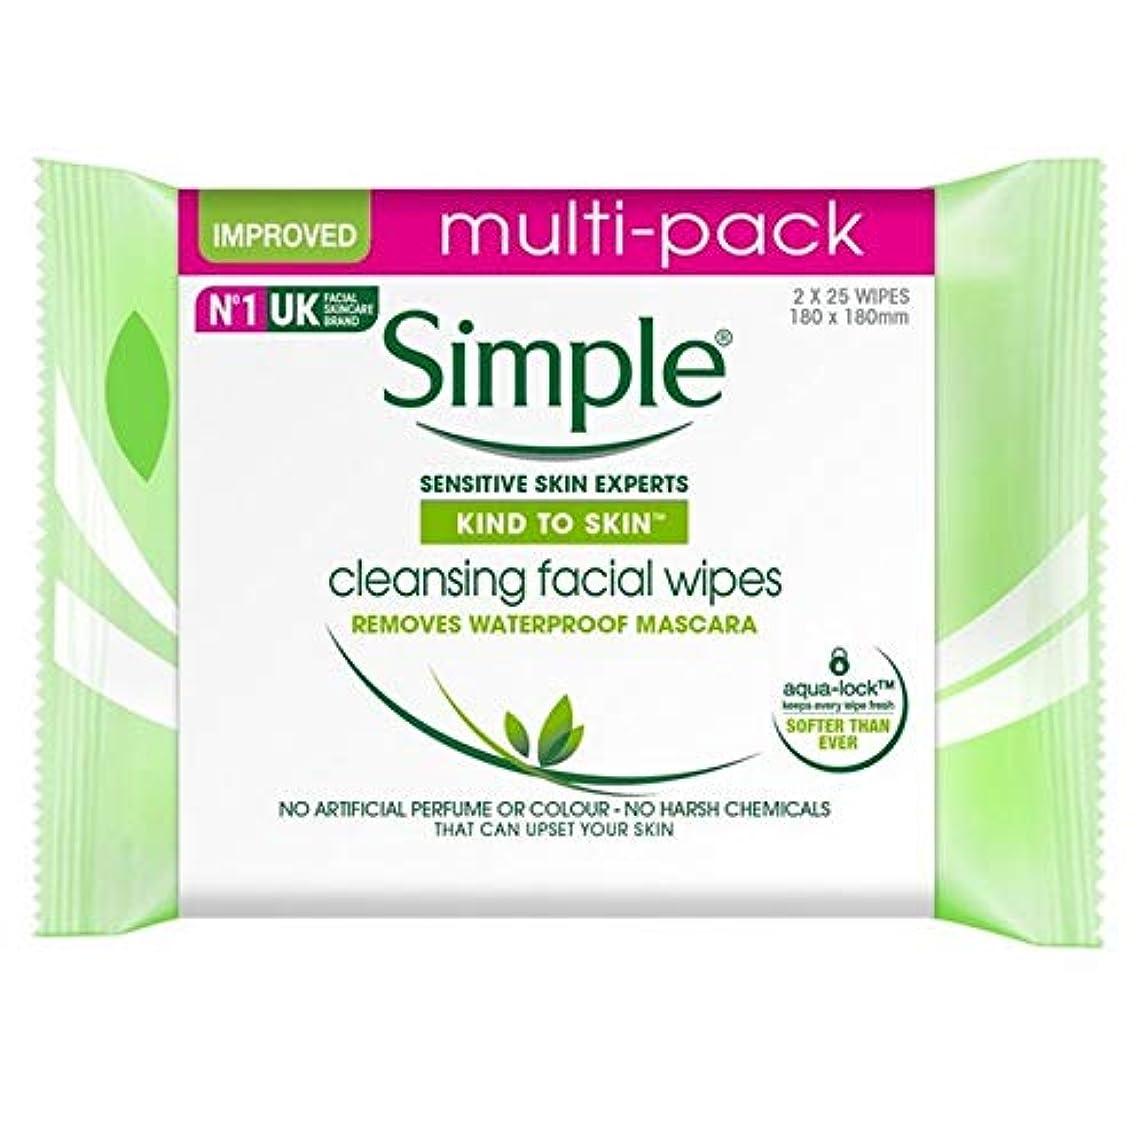 反発驚くべきシール[Simple ] 肌のクレンジングフェイシャルワイプ2×25パックあたりに簡単な種類 - Simple Kind To Skin Cleansing Facial Wipes 2 x 25 per pack [並行輸入品]